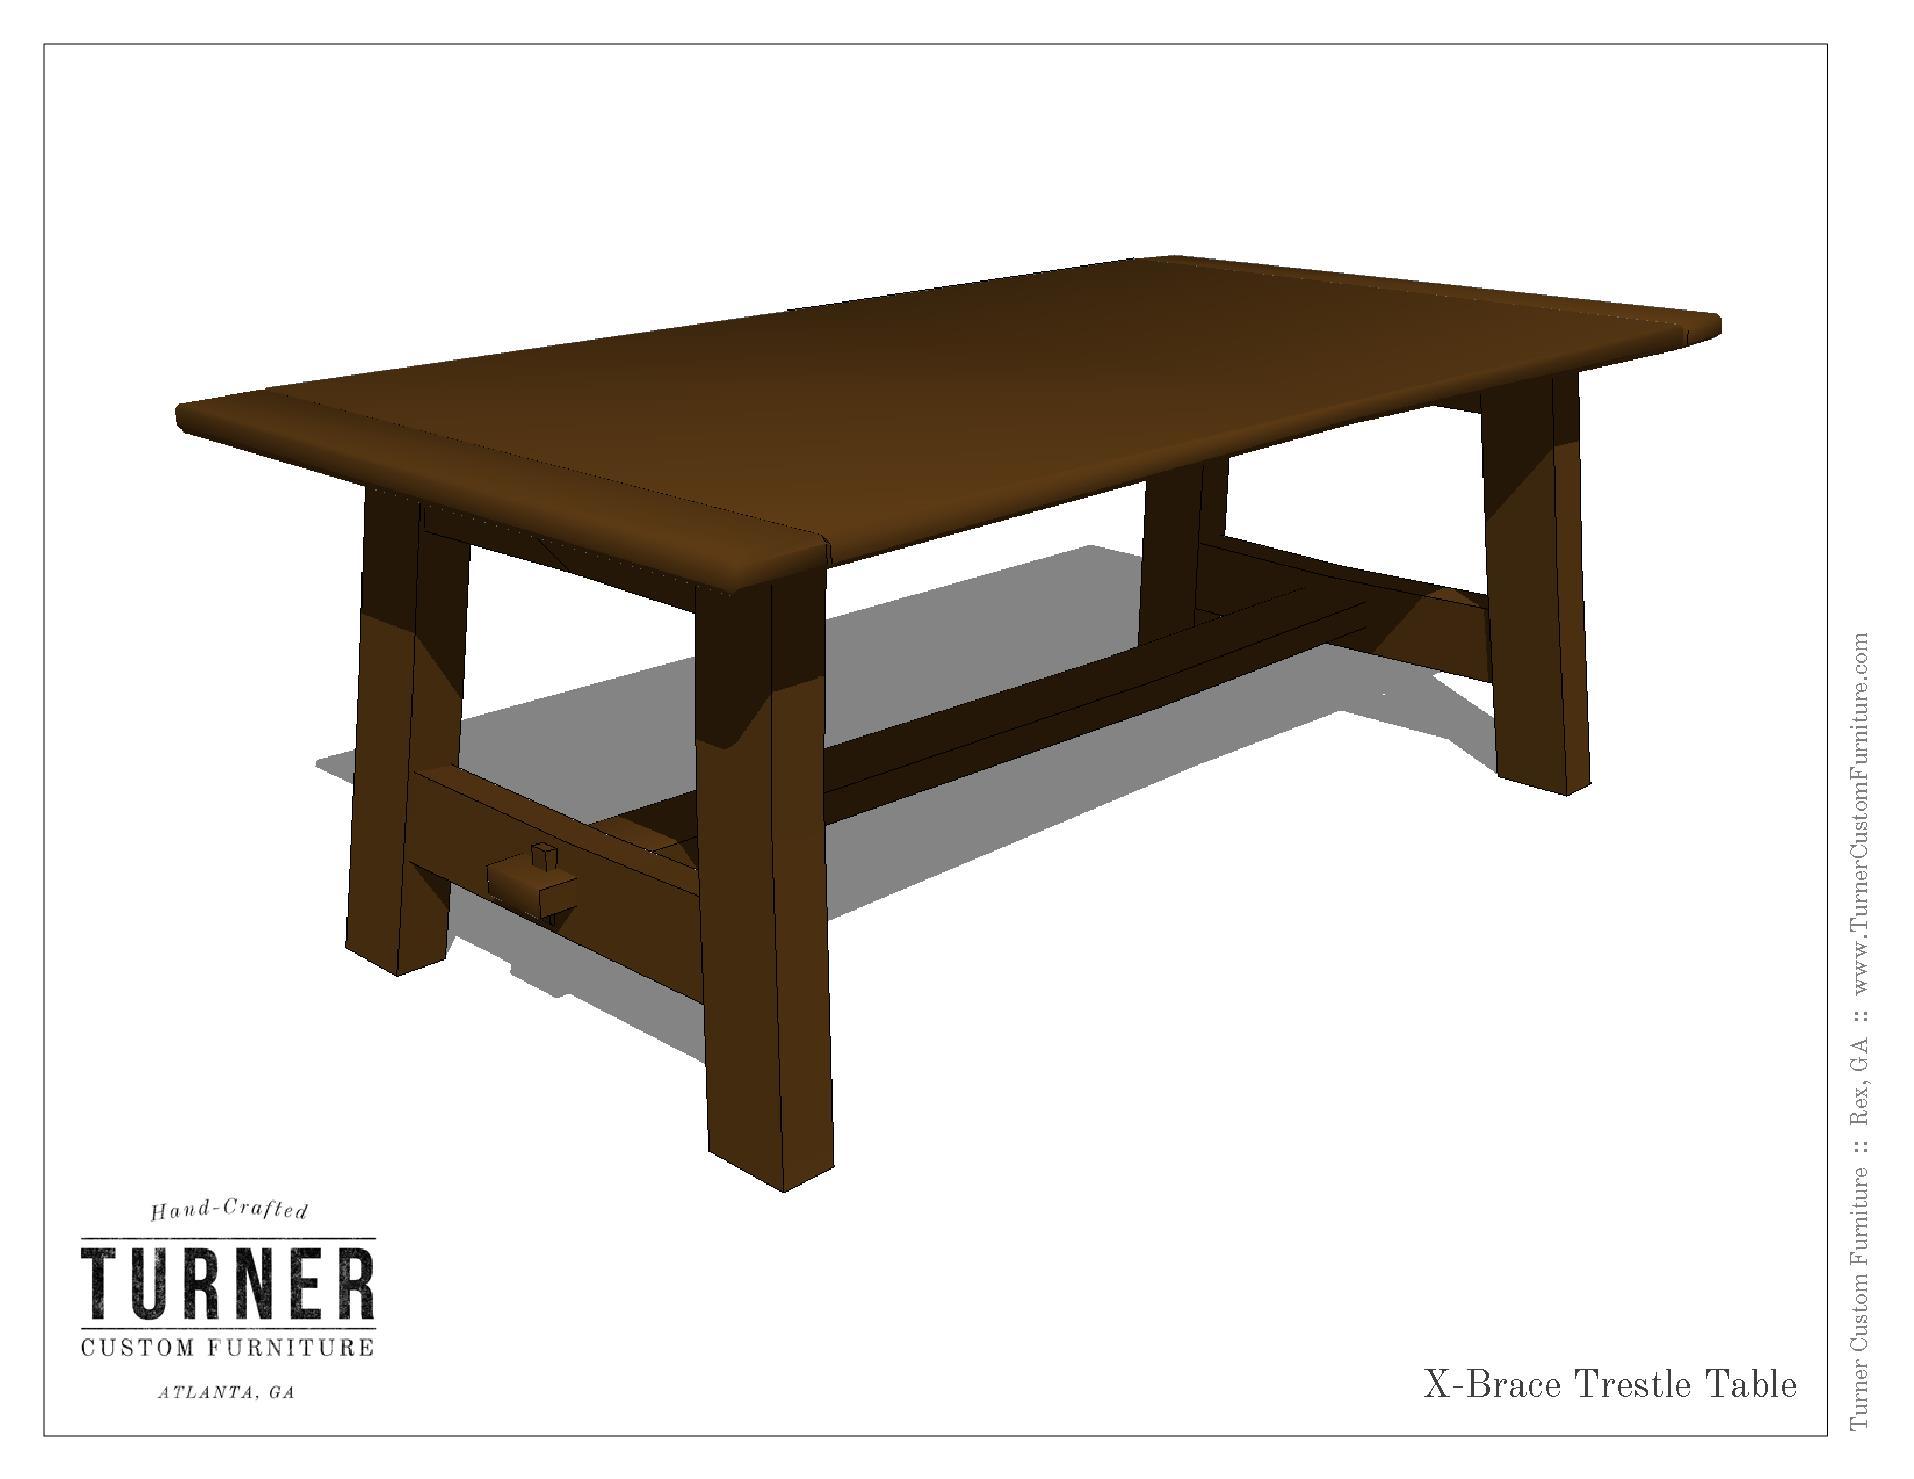 Table Builder_16.jpg